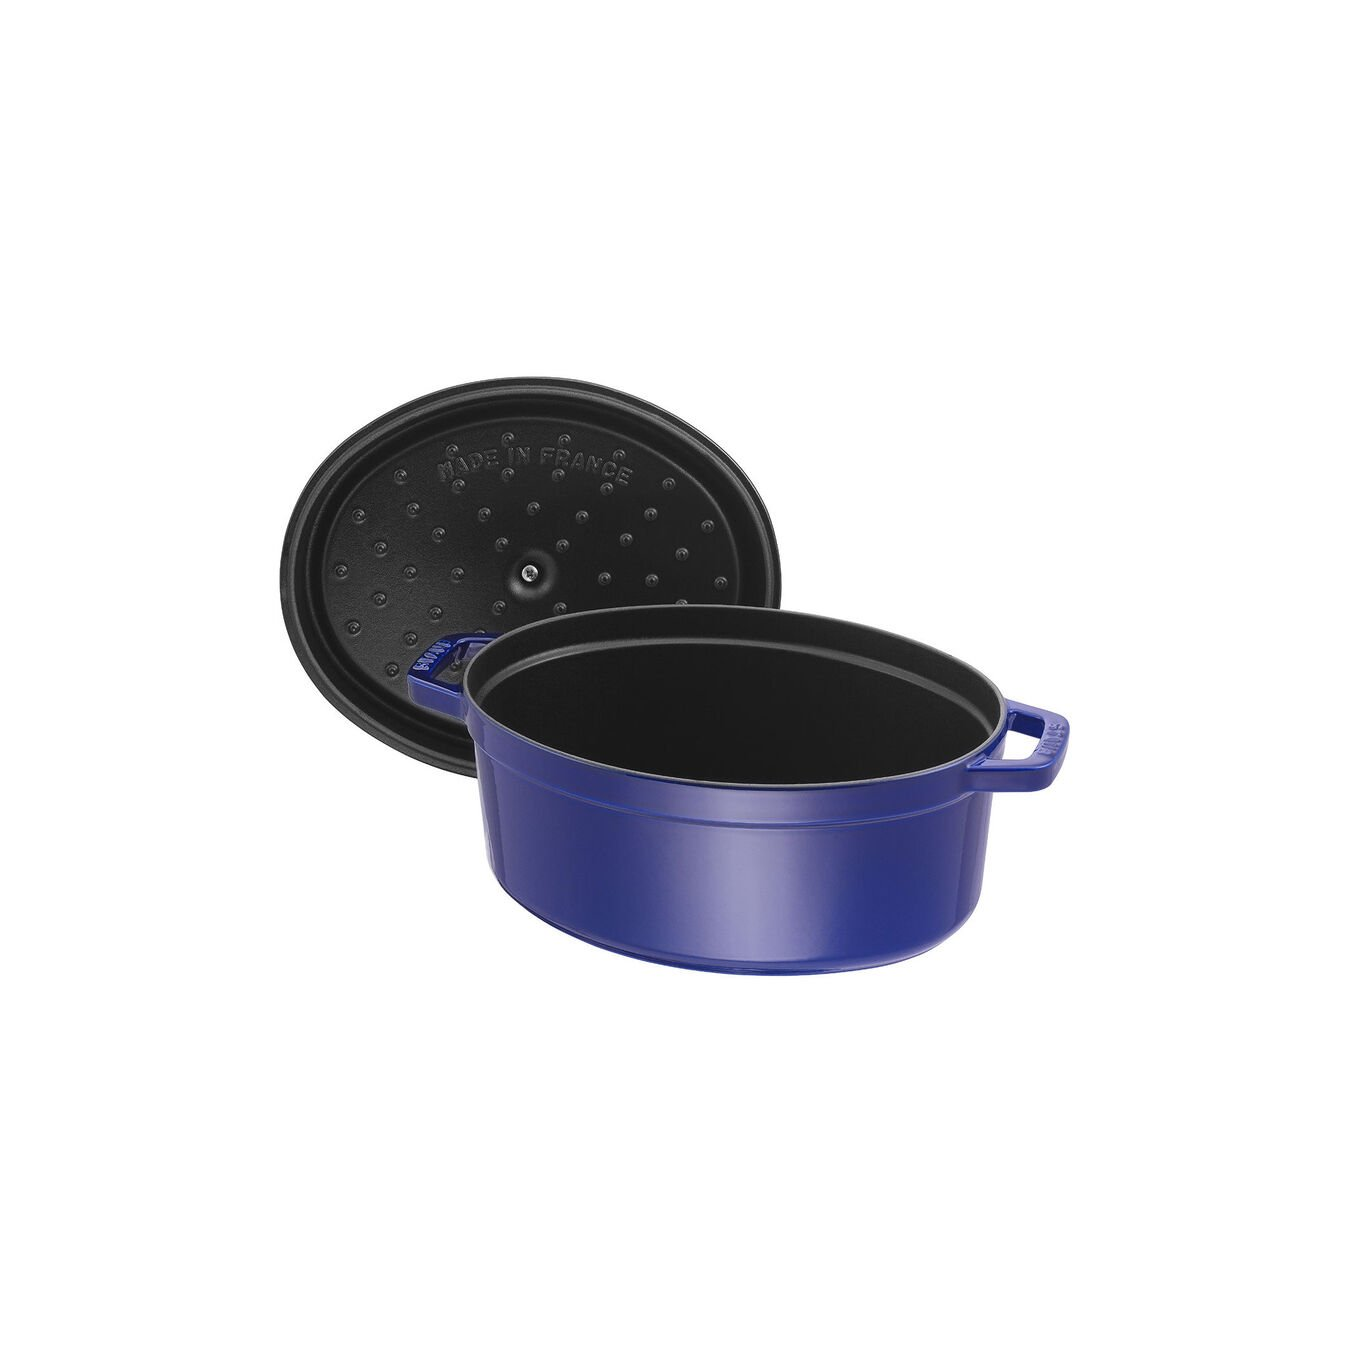 4.25 l oval Cocotte, dark-blue,,large 5